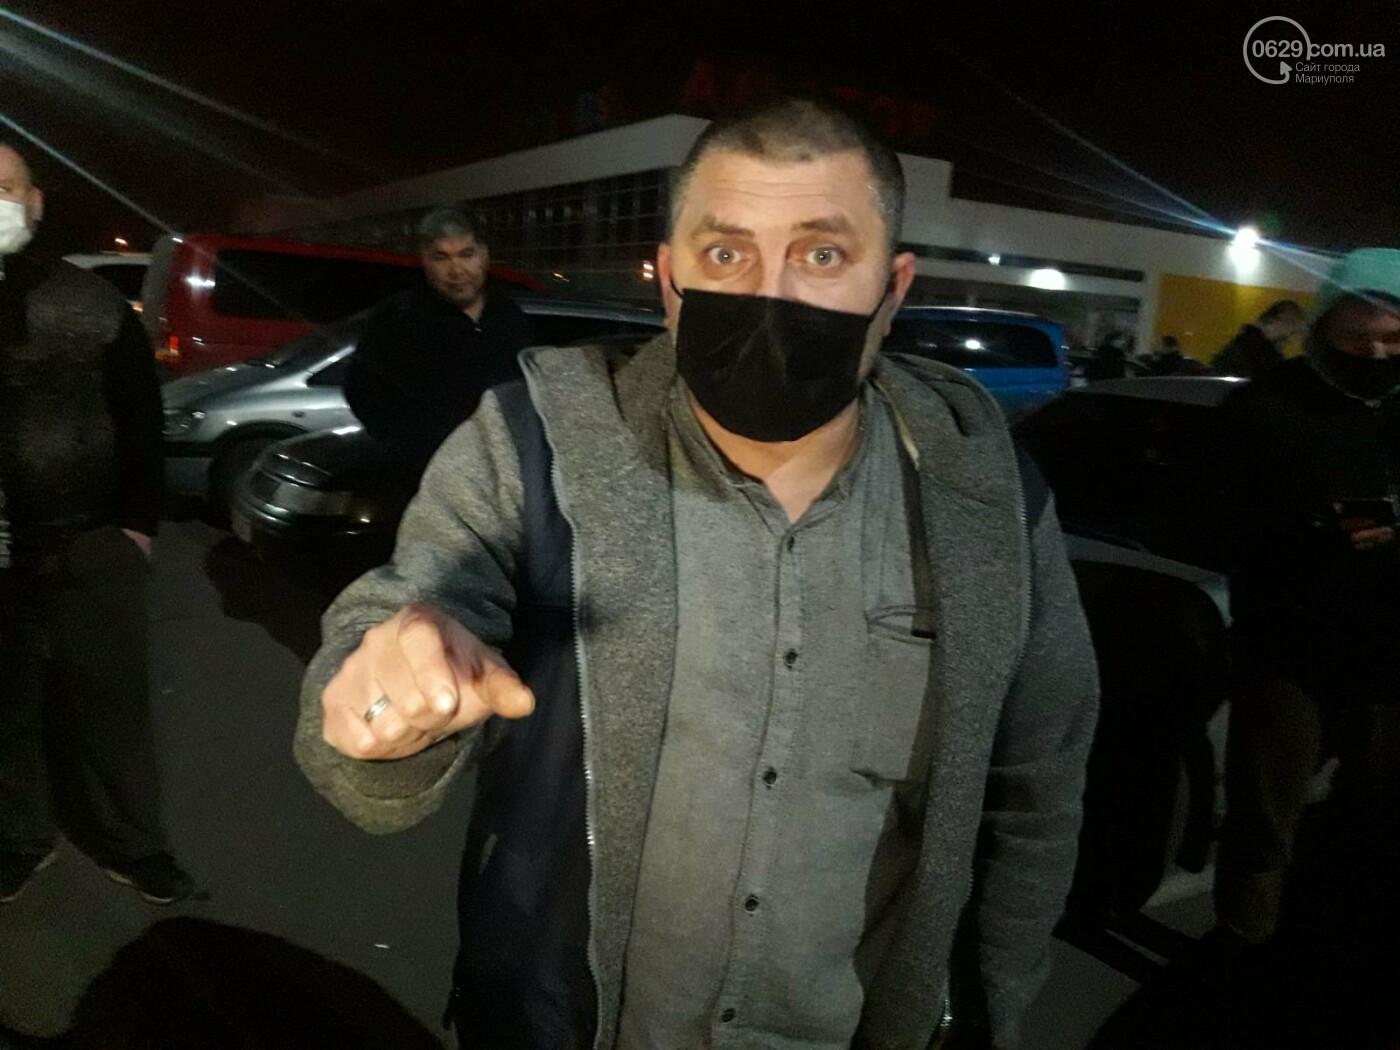 Нужно повысить тариф! В Мариуполе ночью митингуют таксисты, - ФОТО, фото-6